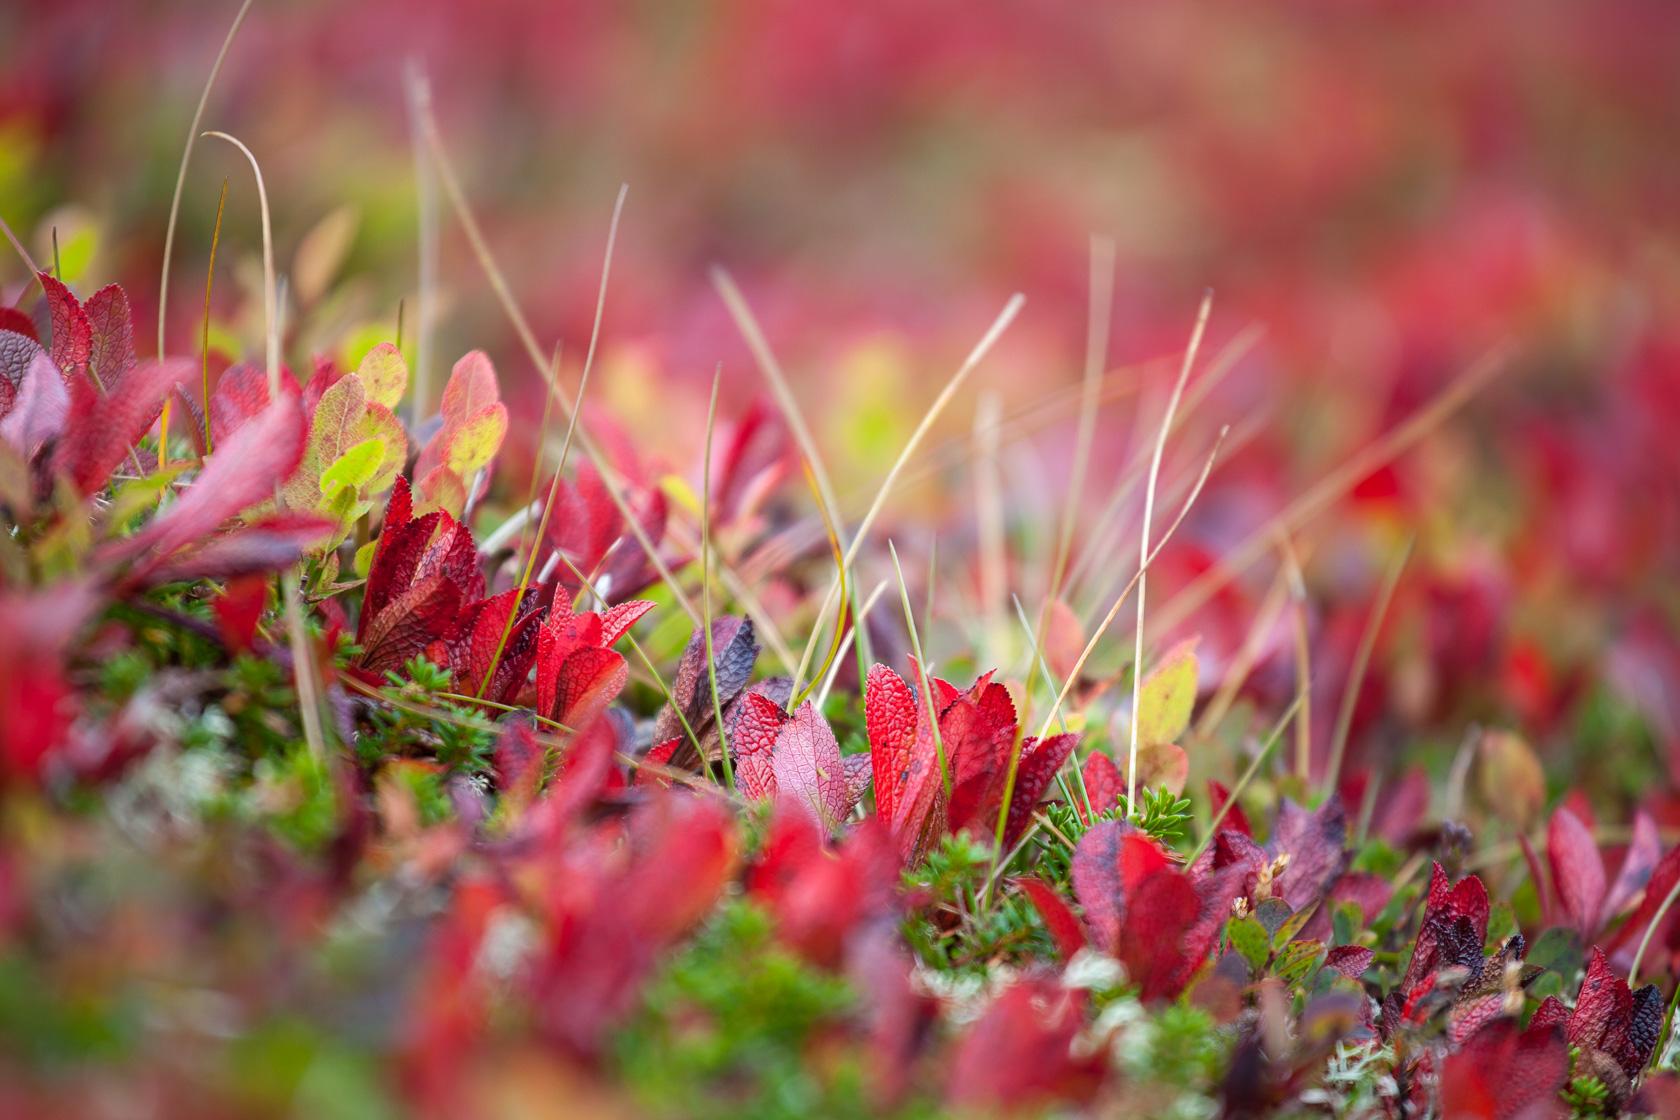 couleurs d'automne dans le végétation de la toundra pendant la randonnée au Ryten, dans les îles Lofoten